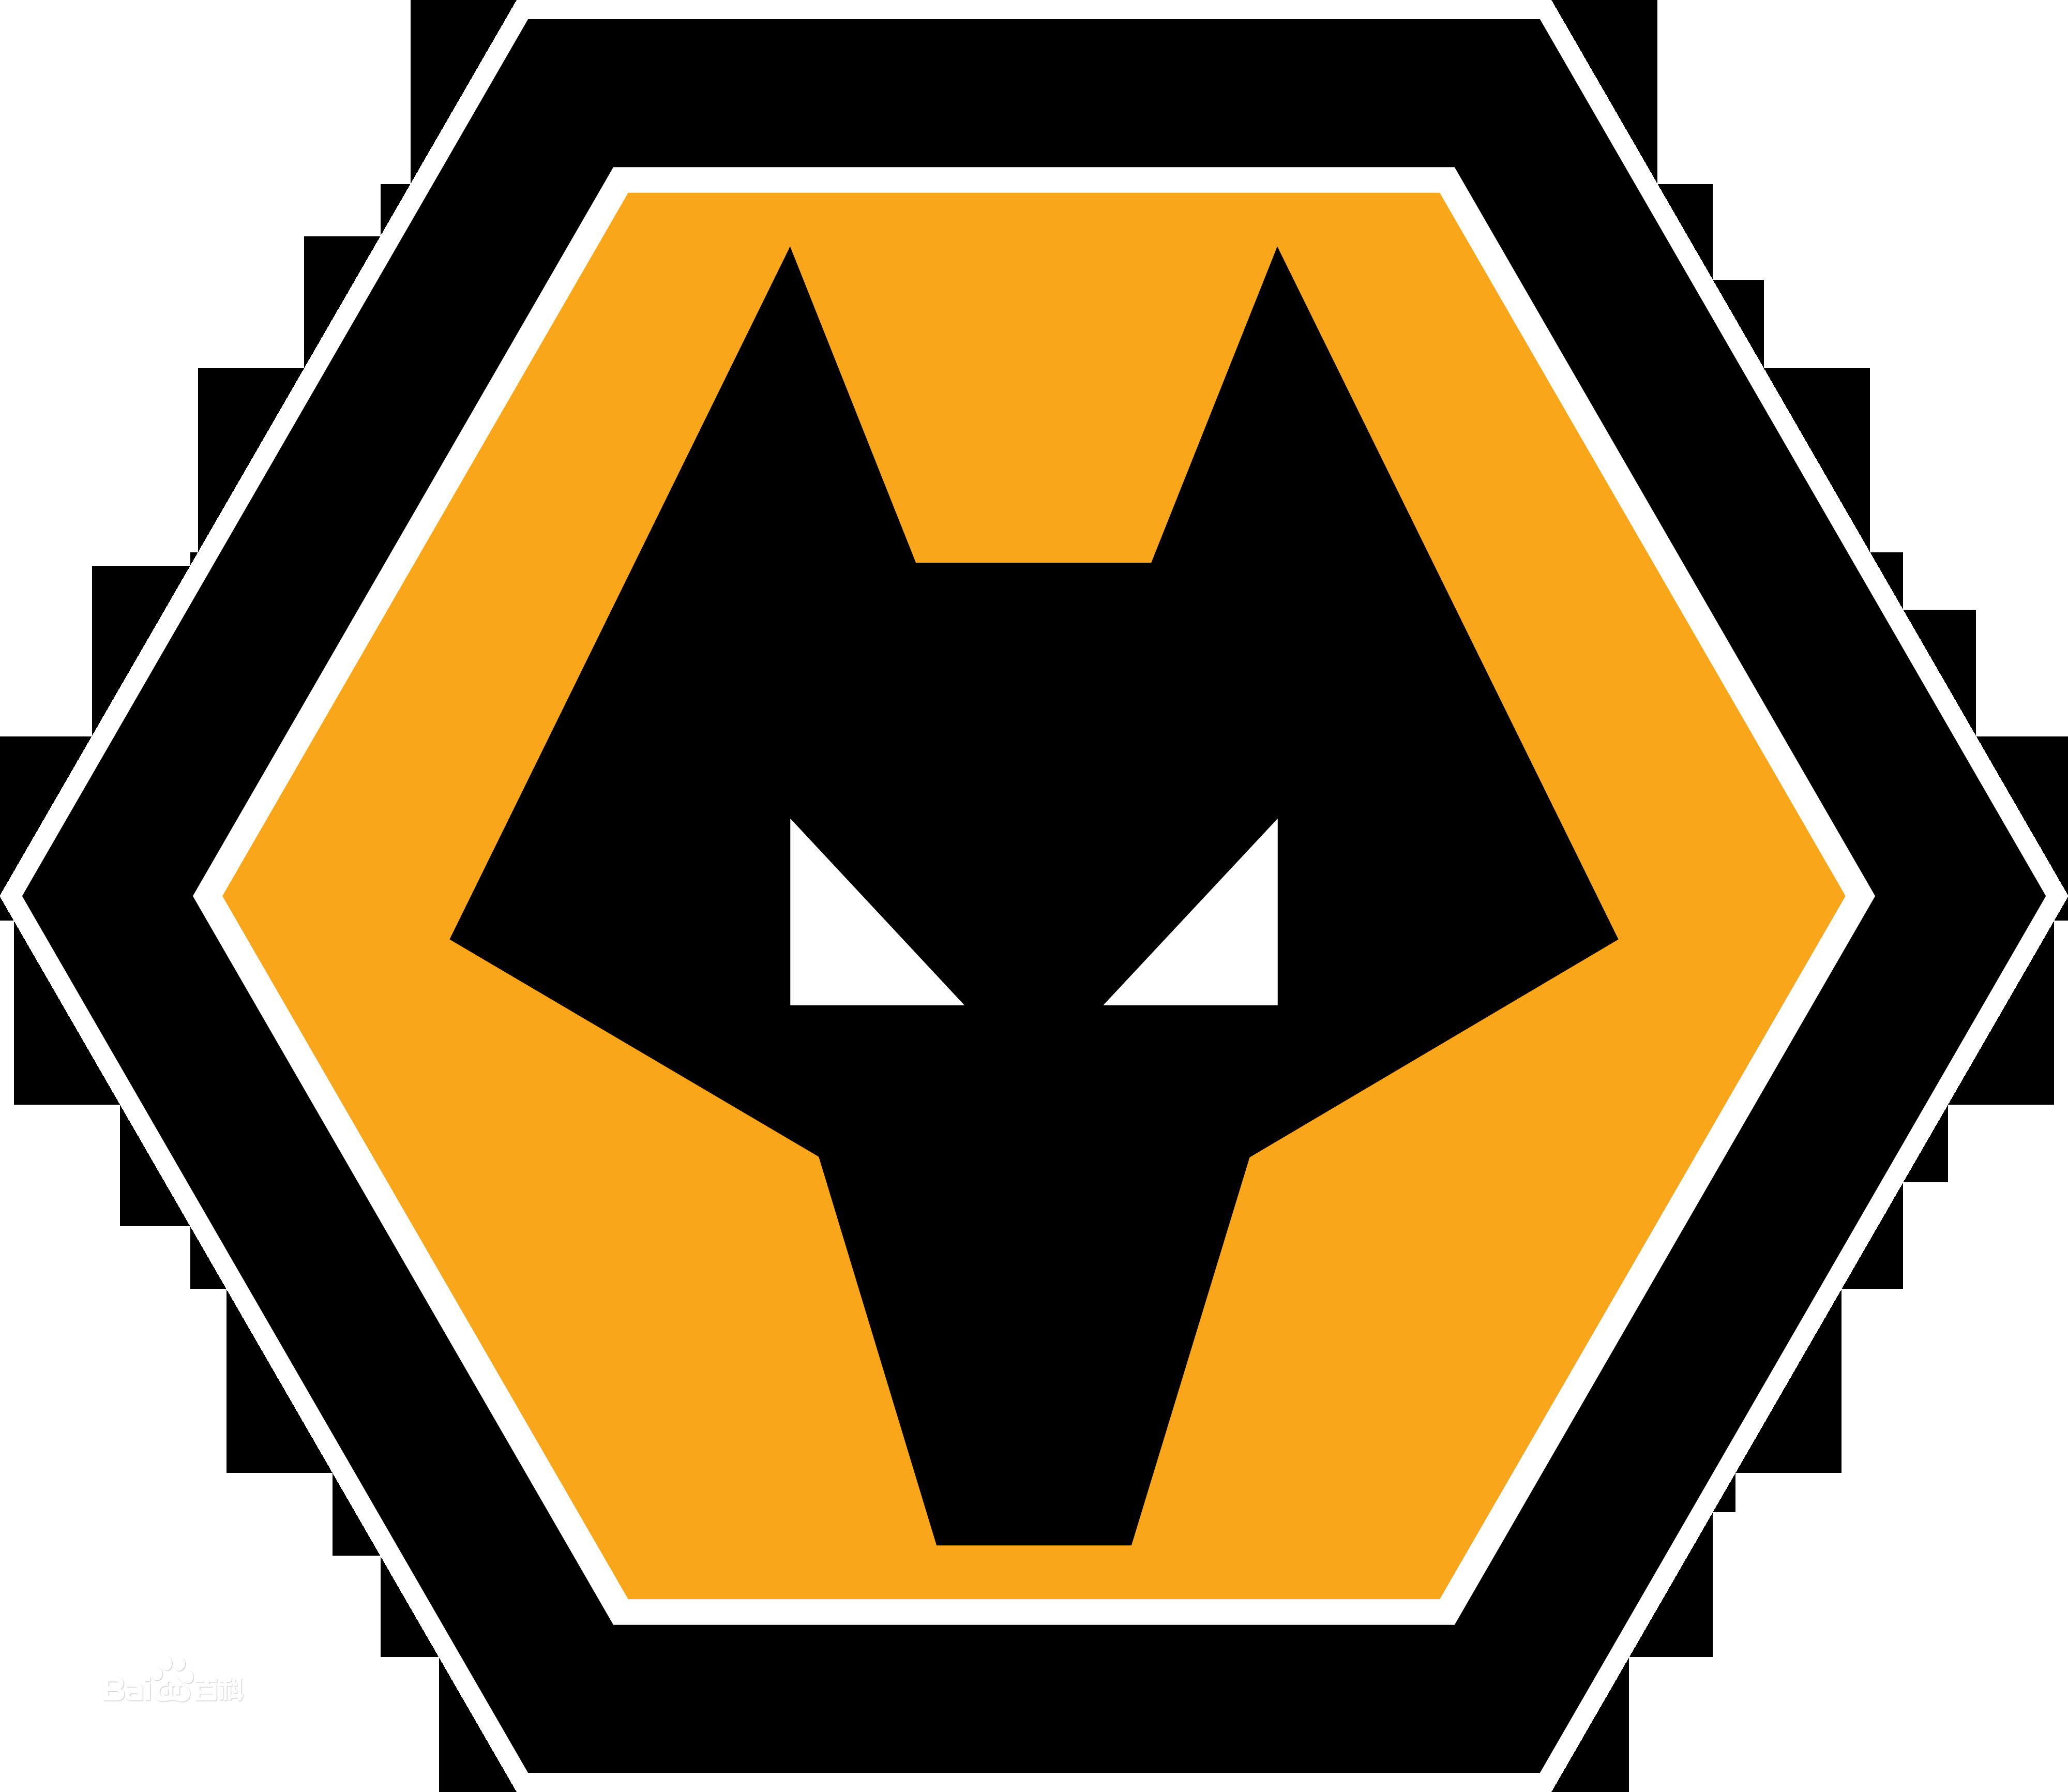 竞彩足球 周六025 英超 伯恩茅斯vs狼队,狼队又来了 比赛